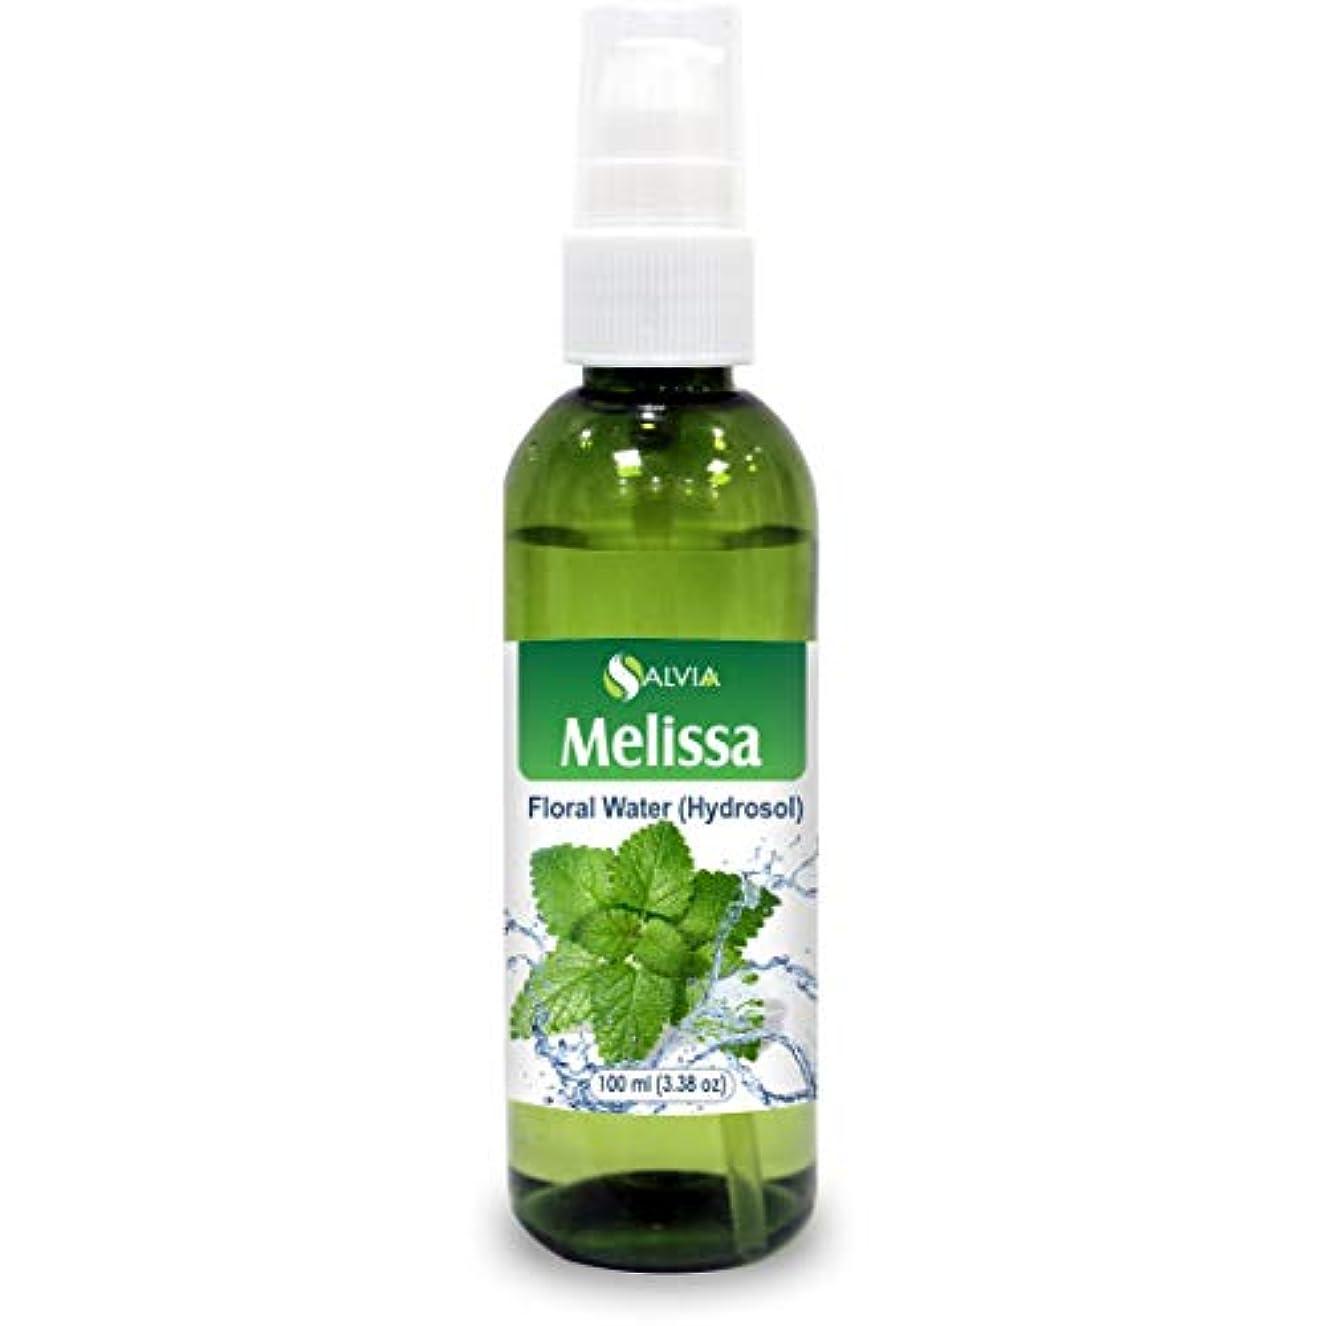 家庭教師つば履歴書Melissa (Lemon Balm) Floral Water 100ml (Hydrosol) 100% Pure And Natural